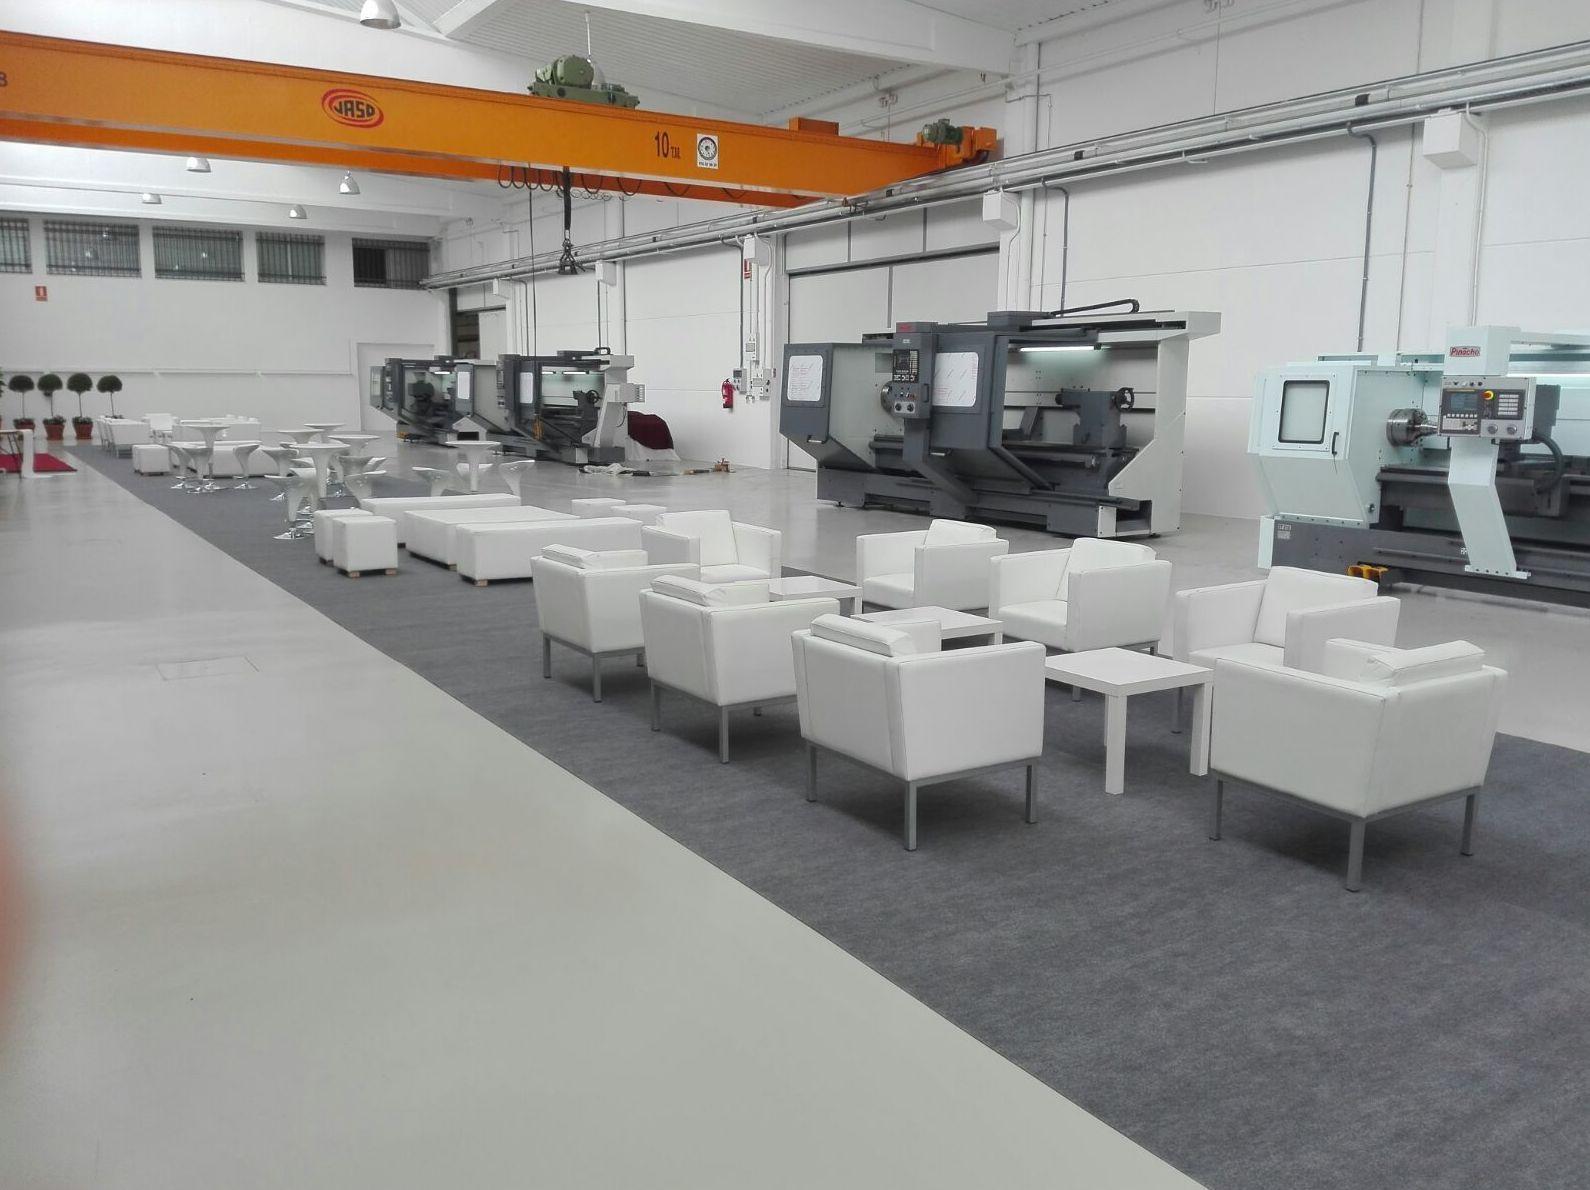 Foto 8 de Alquiler de sillas, mesas y menaje en Zaragoza | Stuhl Ibérica Alquiler de Mobiliario